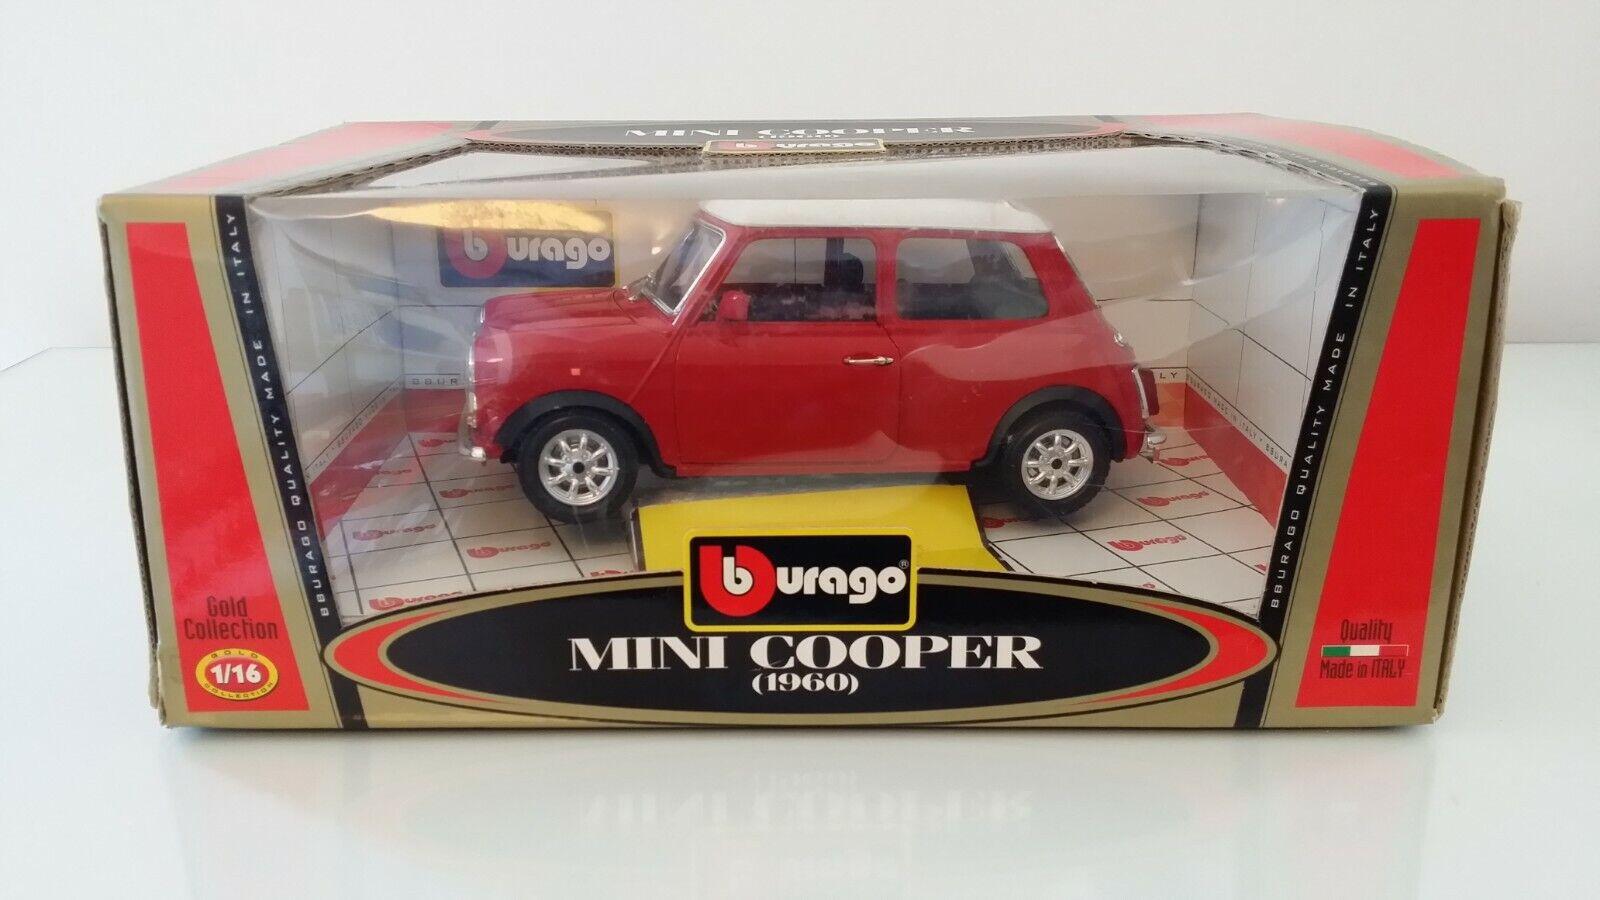 Burago Colección De oro En Caja De Mini Cooper 1960 3379 1 16